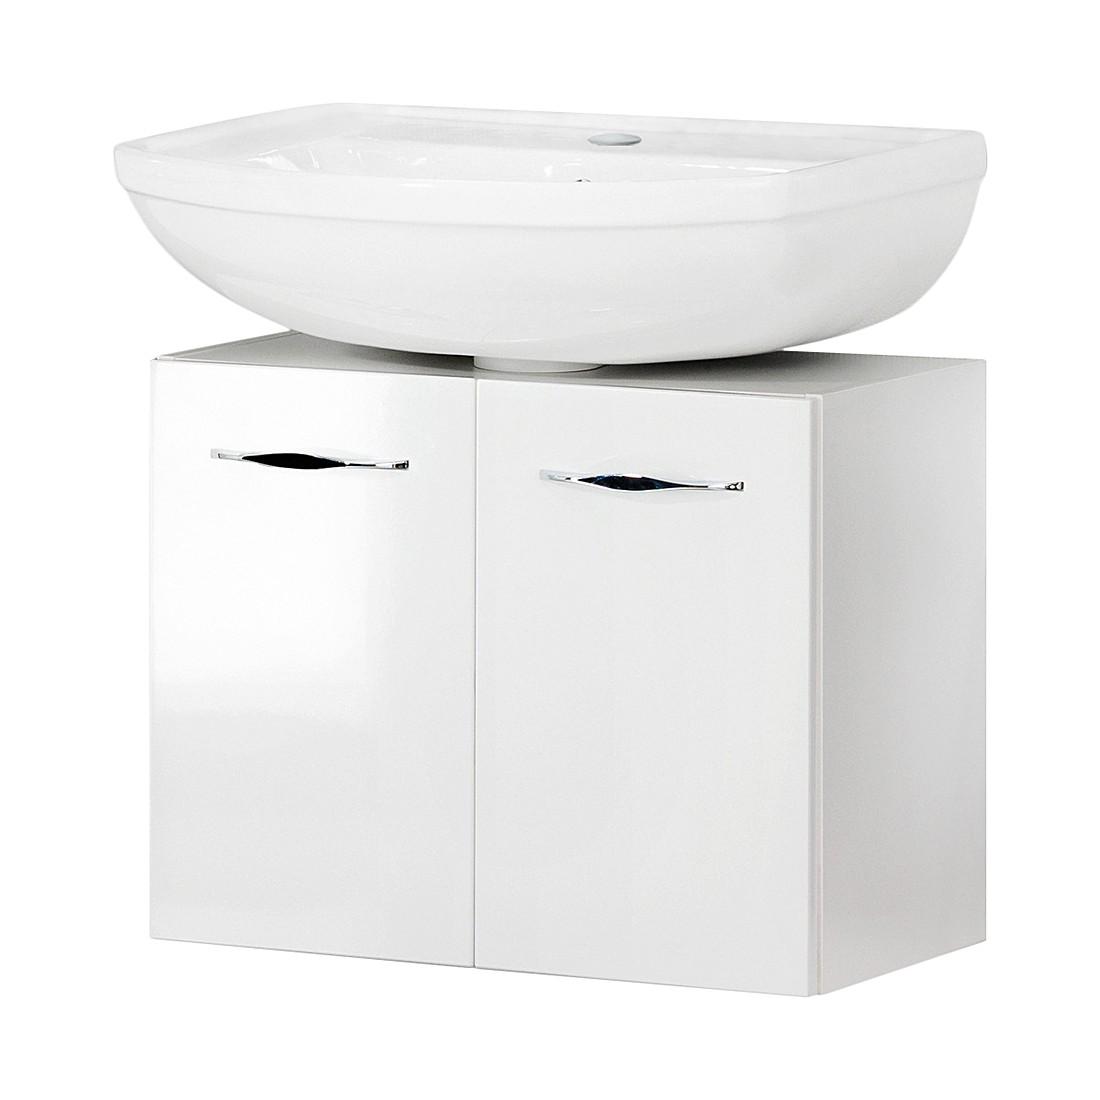 home24 Waschbeckenunterschrank Sceno